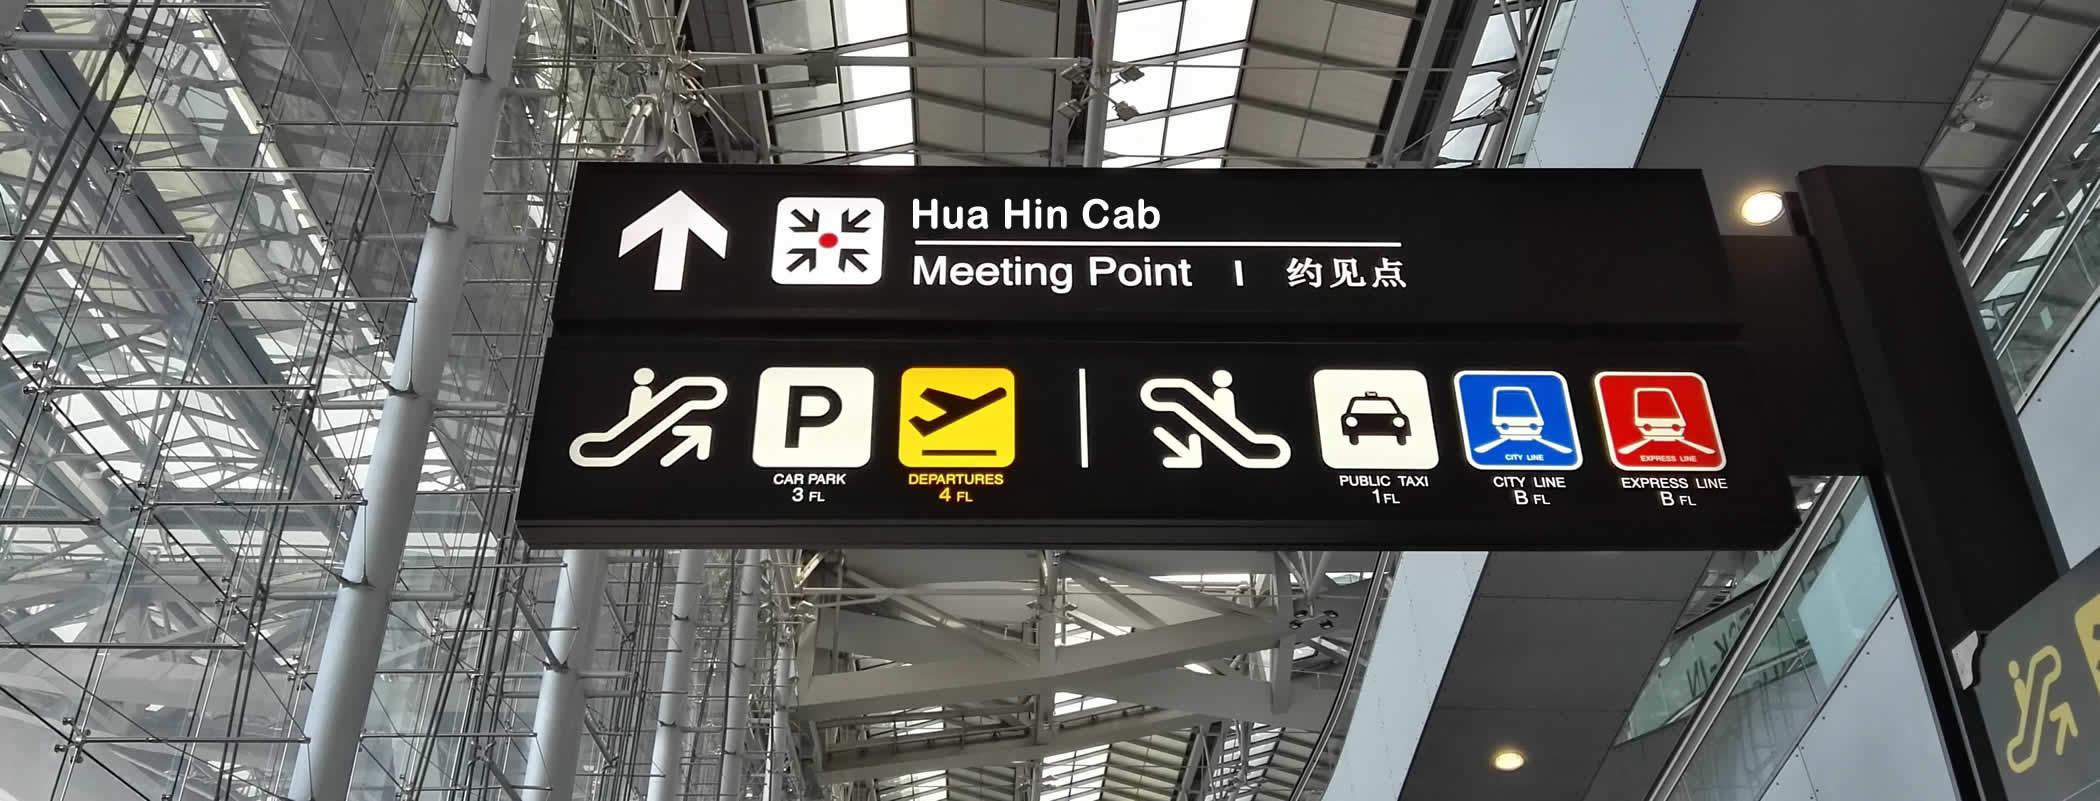 suvarnabhumi-airport-arrival-floor-plan